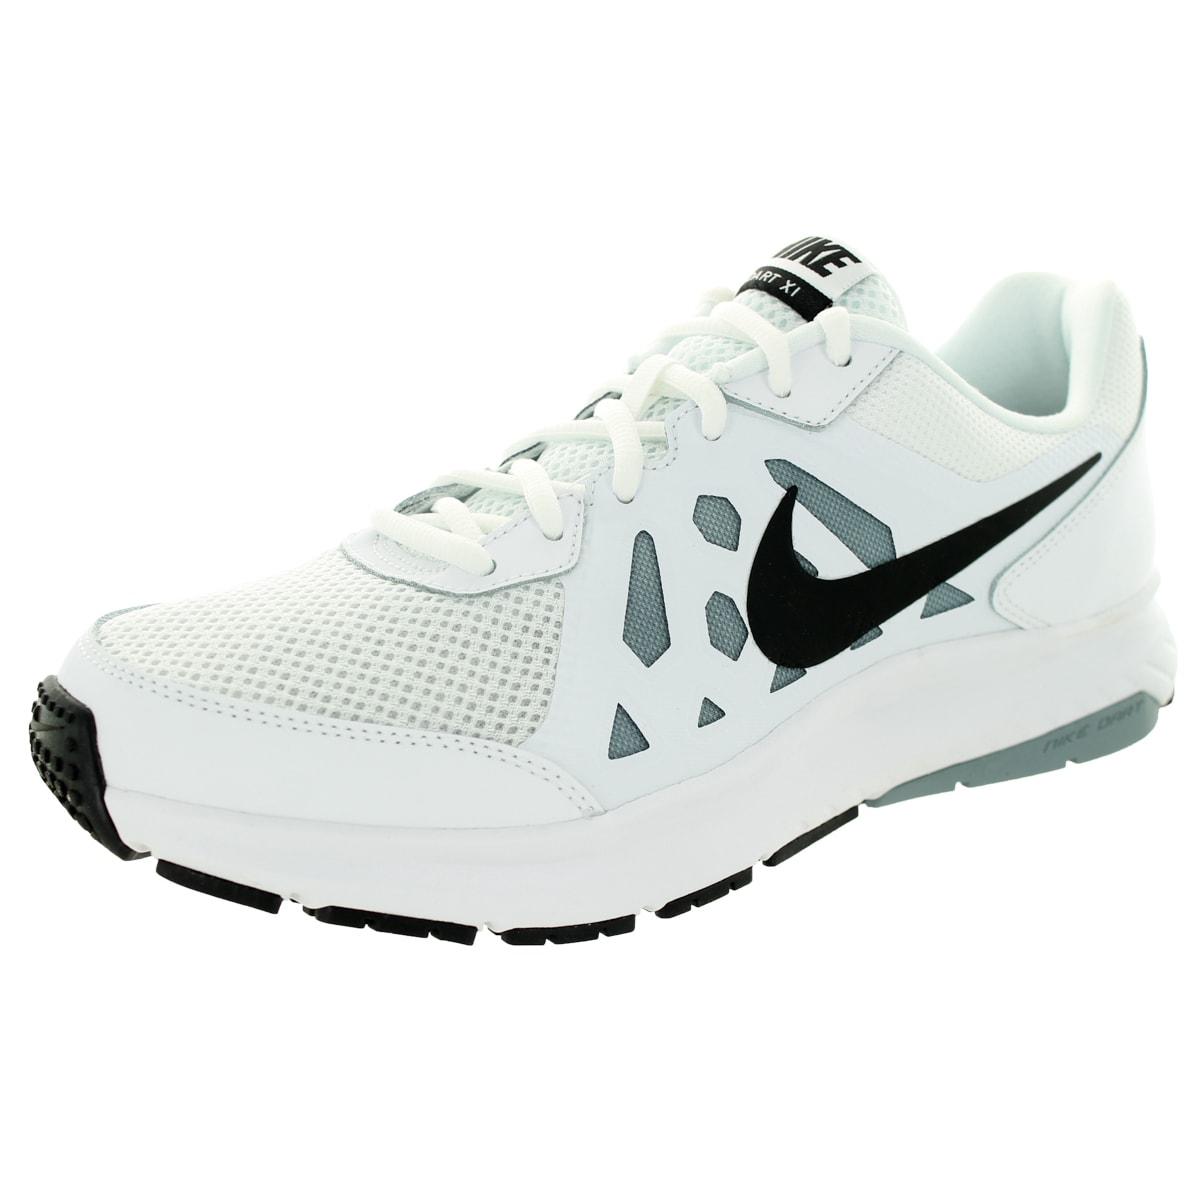 Nike Men's Dart 11 White/Black/Dove Grey/White Running Sh...